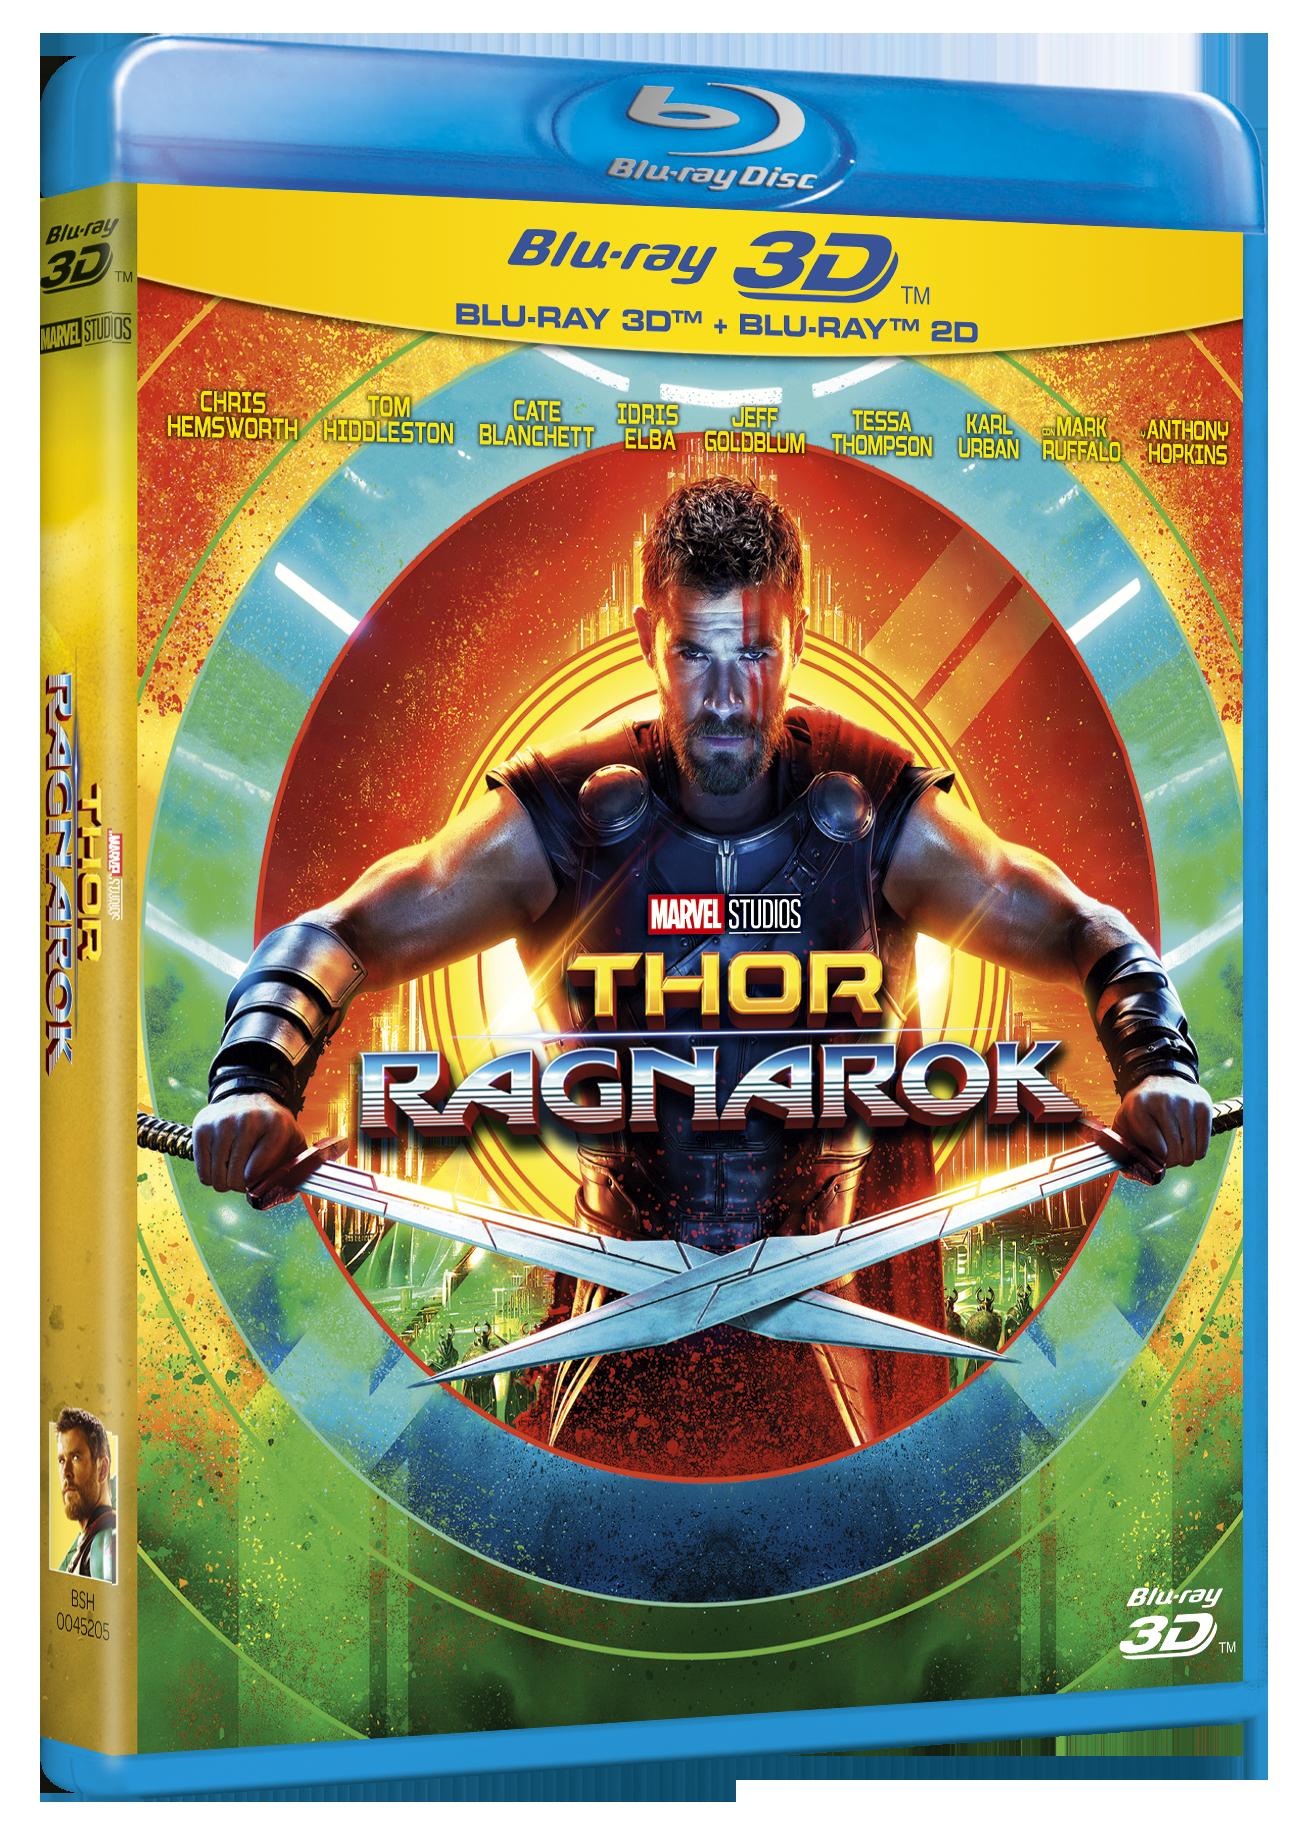 'Thor: Ragnarok' llega en Steel, 3D, Blu-ray y Dvd el 7 de marzo • En tu pantalla